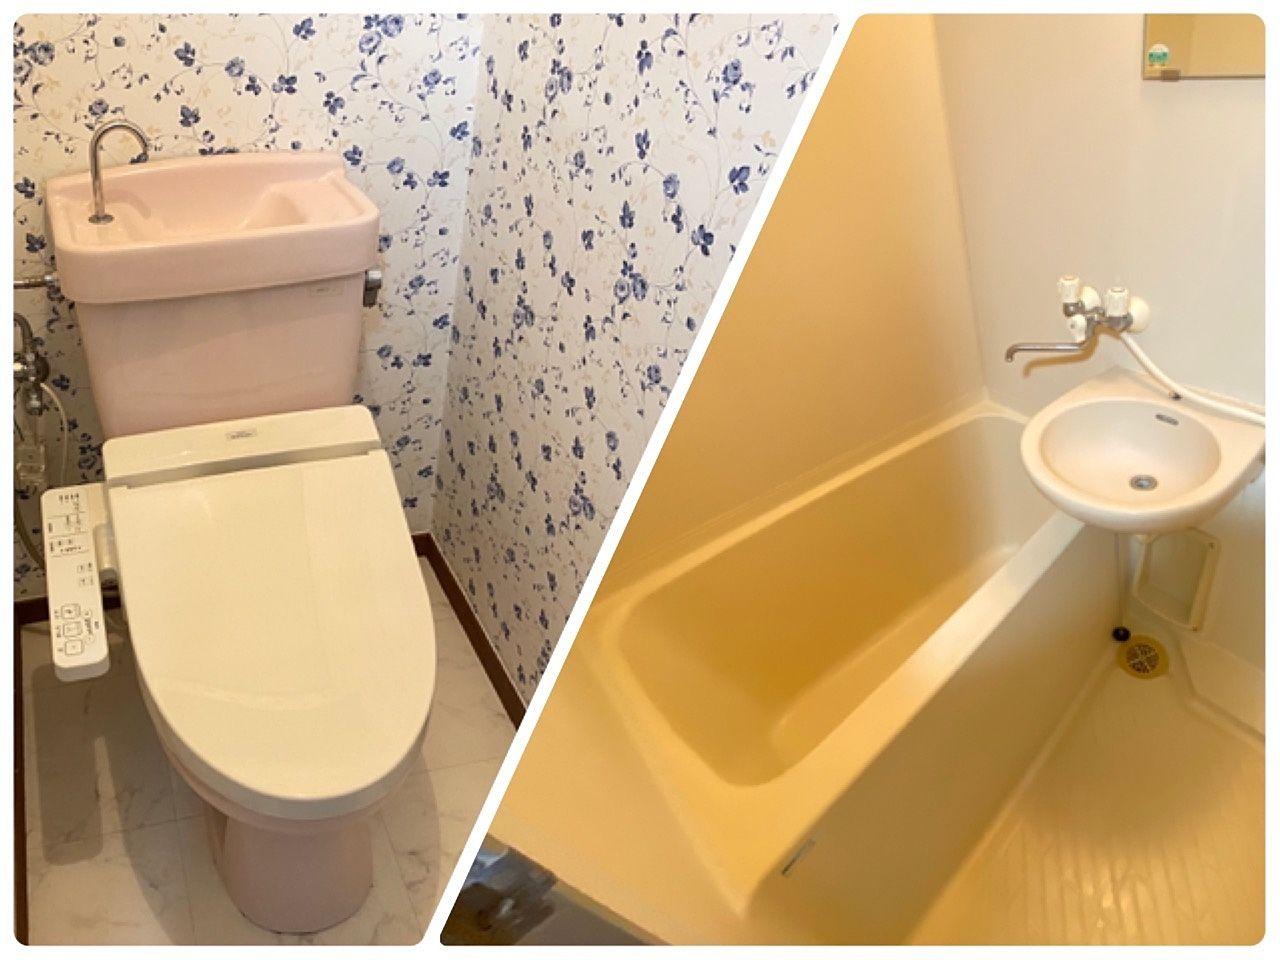 障害者グループホーム桜上荒田1号館は風呂トイレ別のセパレートの物件になります。